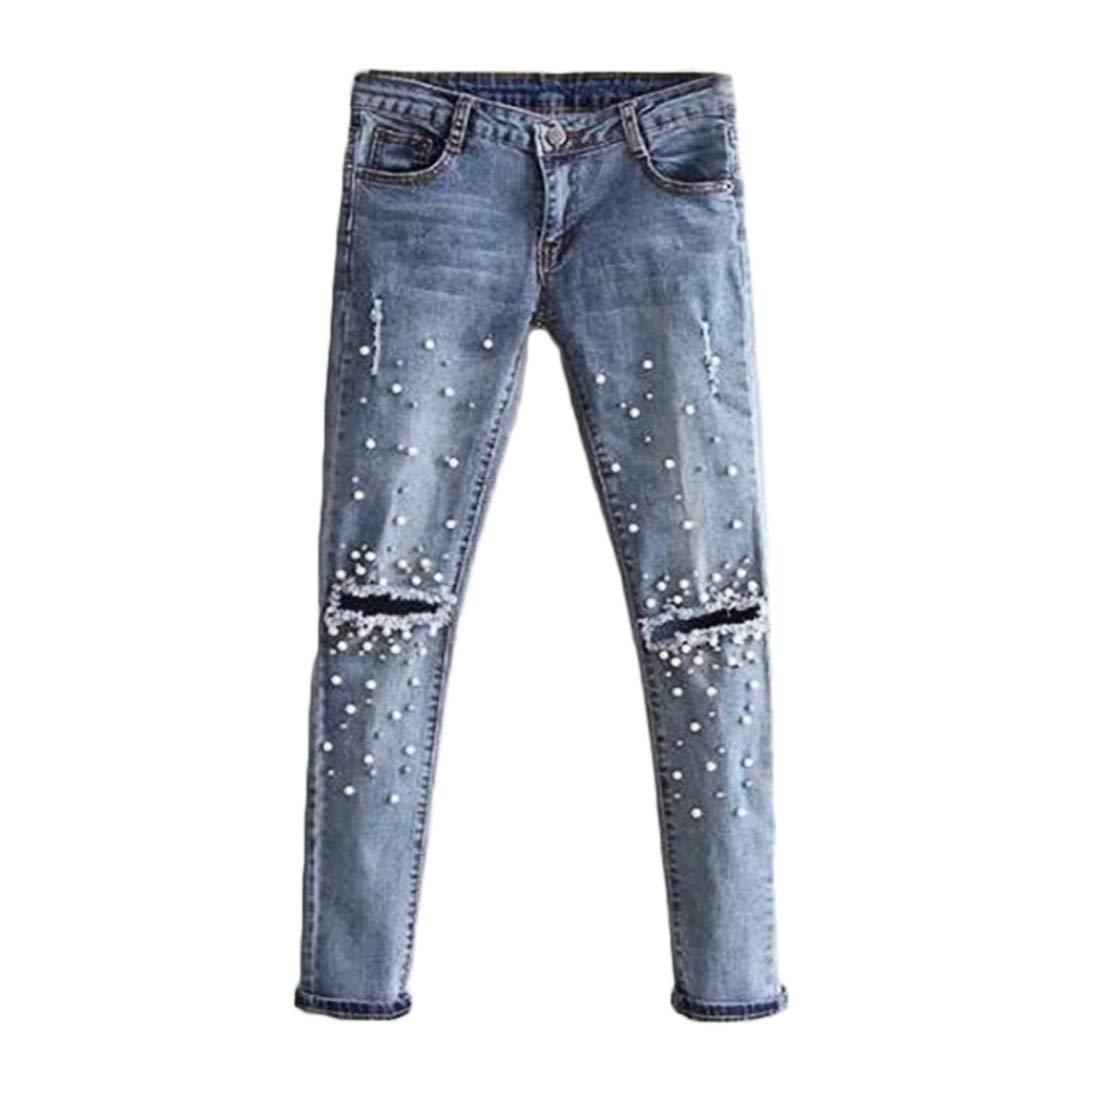 Inlefen Pantalones Vaqueros de Mujer Agujero Recto con ...